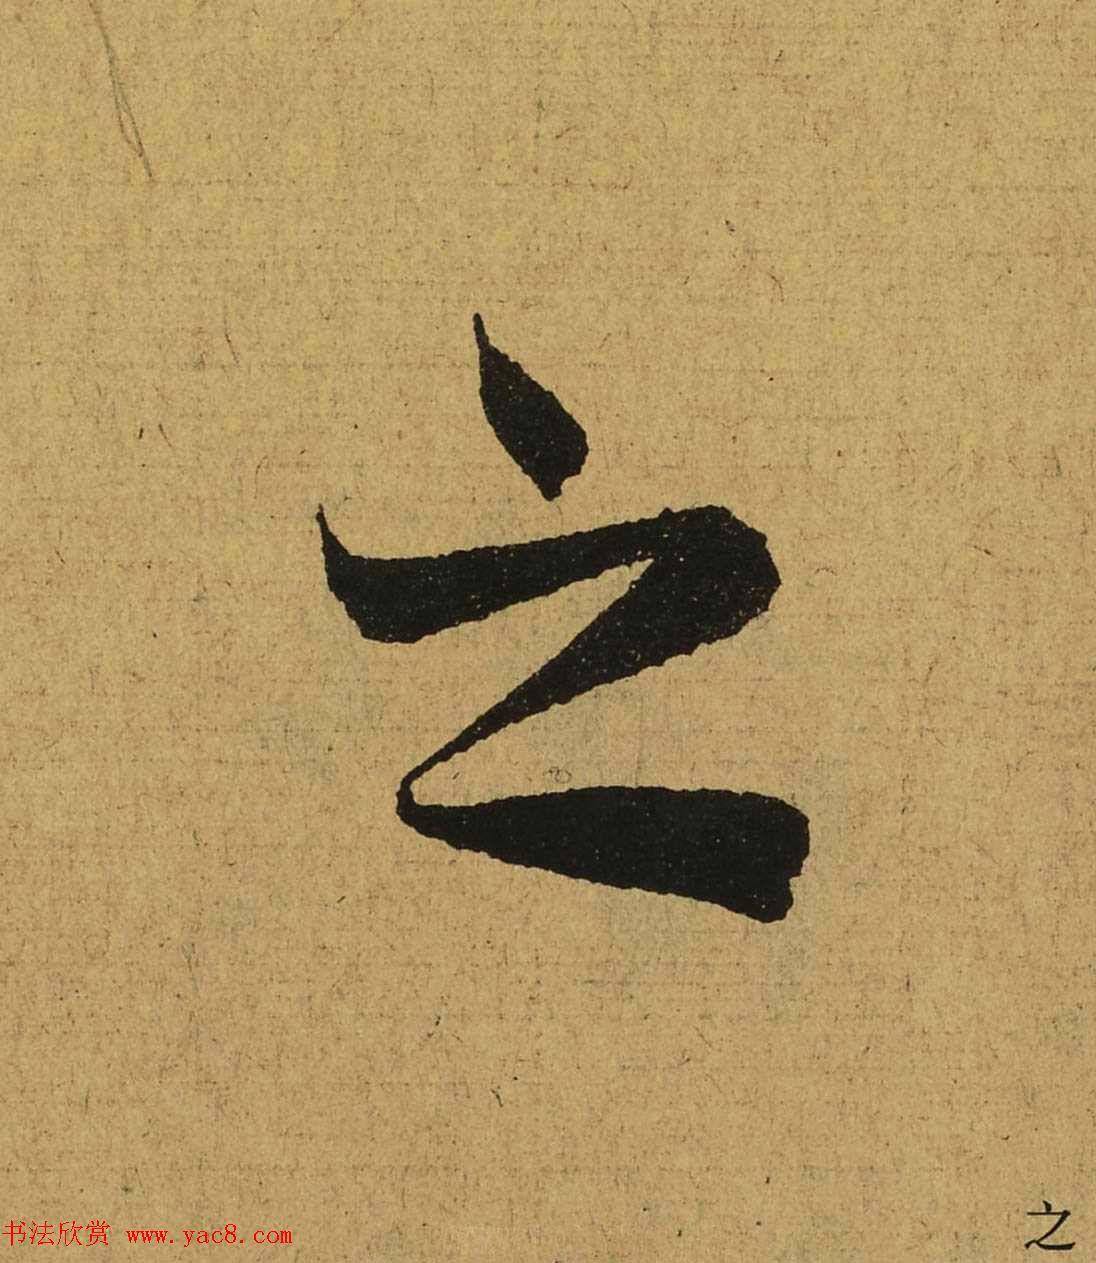 王羲之兰亭集序全文单字高清放大字帖 第44页 行书字帖 书法欣赏